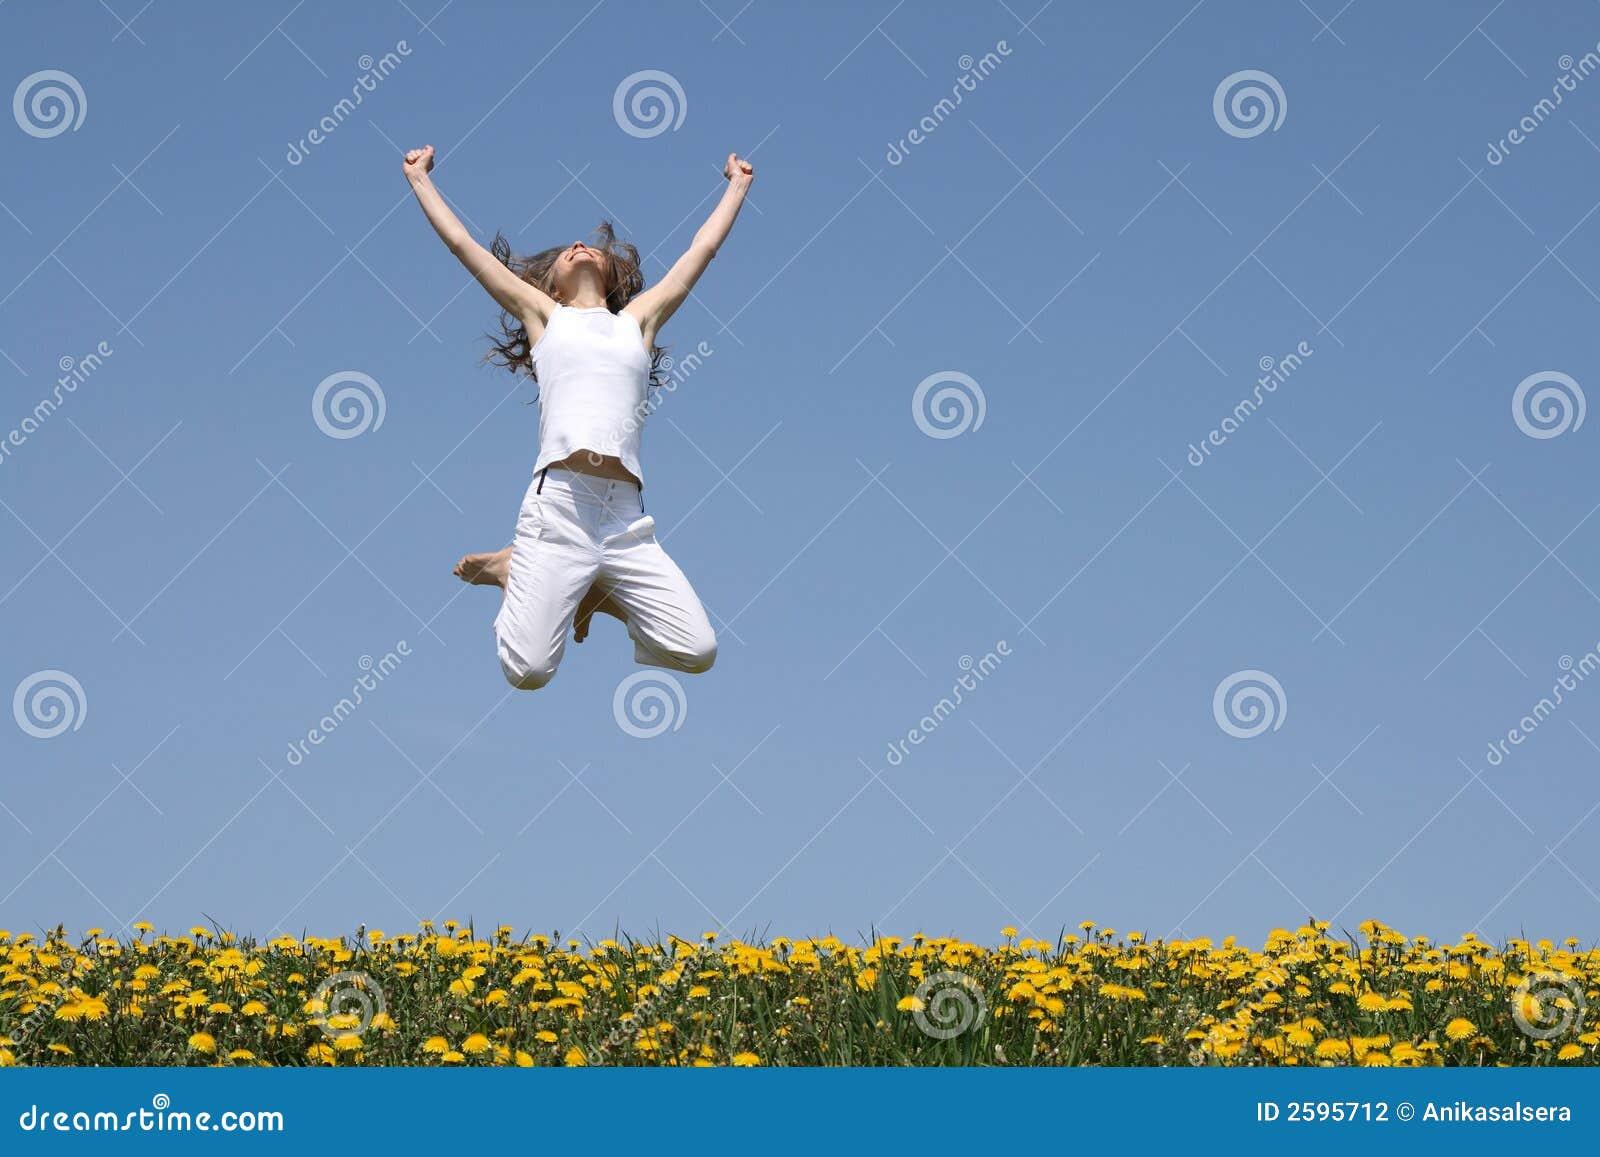 Meisje in een sprong, die omhoog eruit ziet